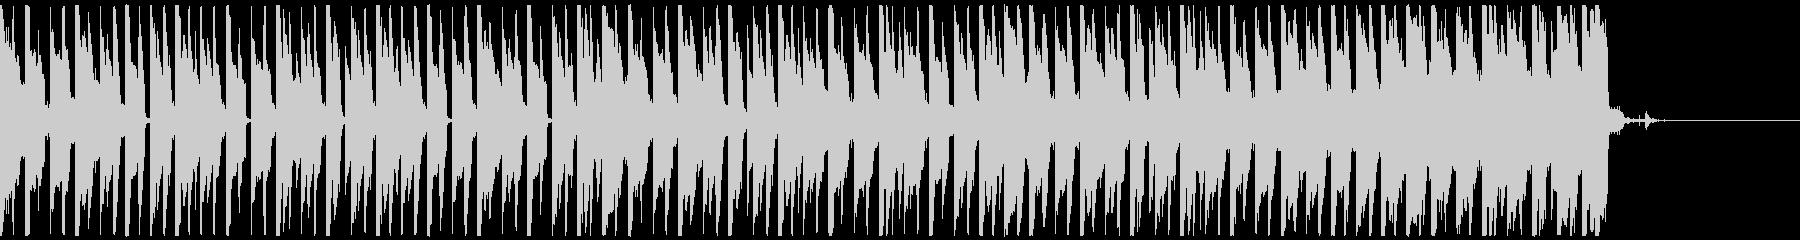 オシャレ・戦闘・スリリングEDM、④の未再生の波形